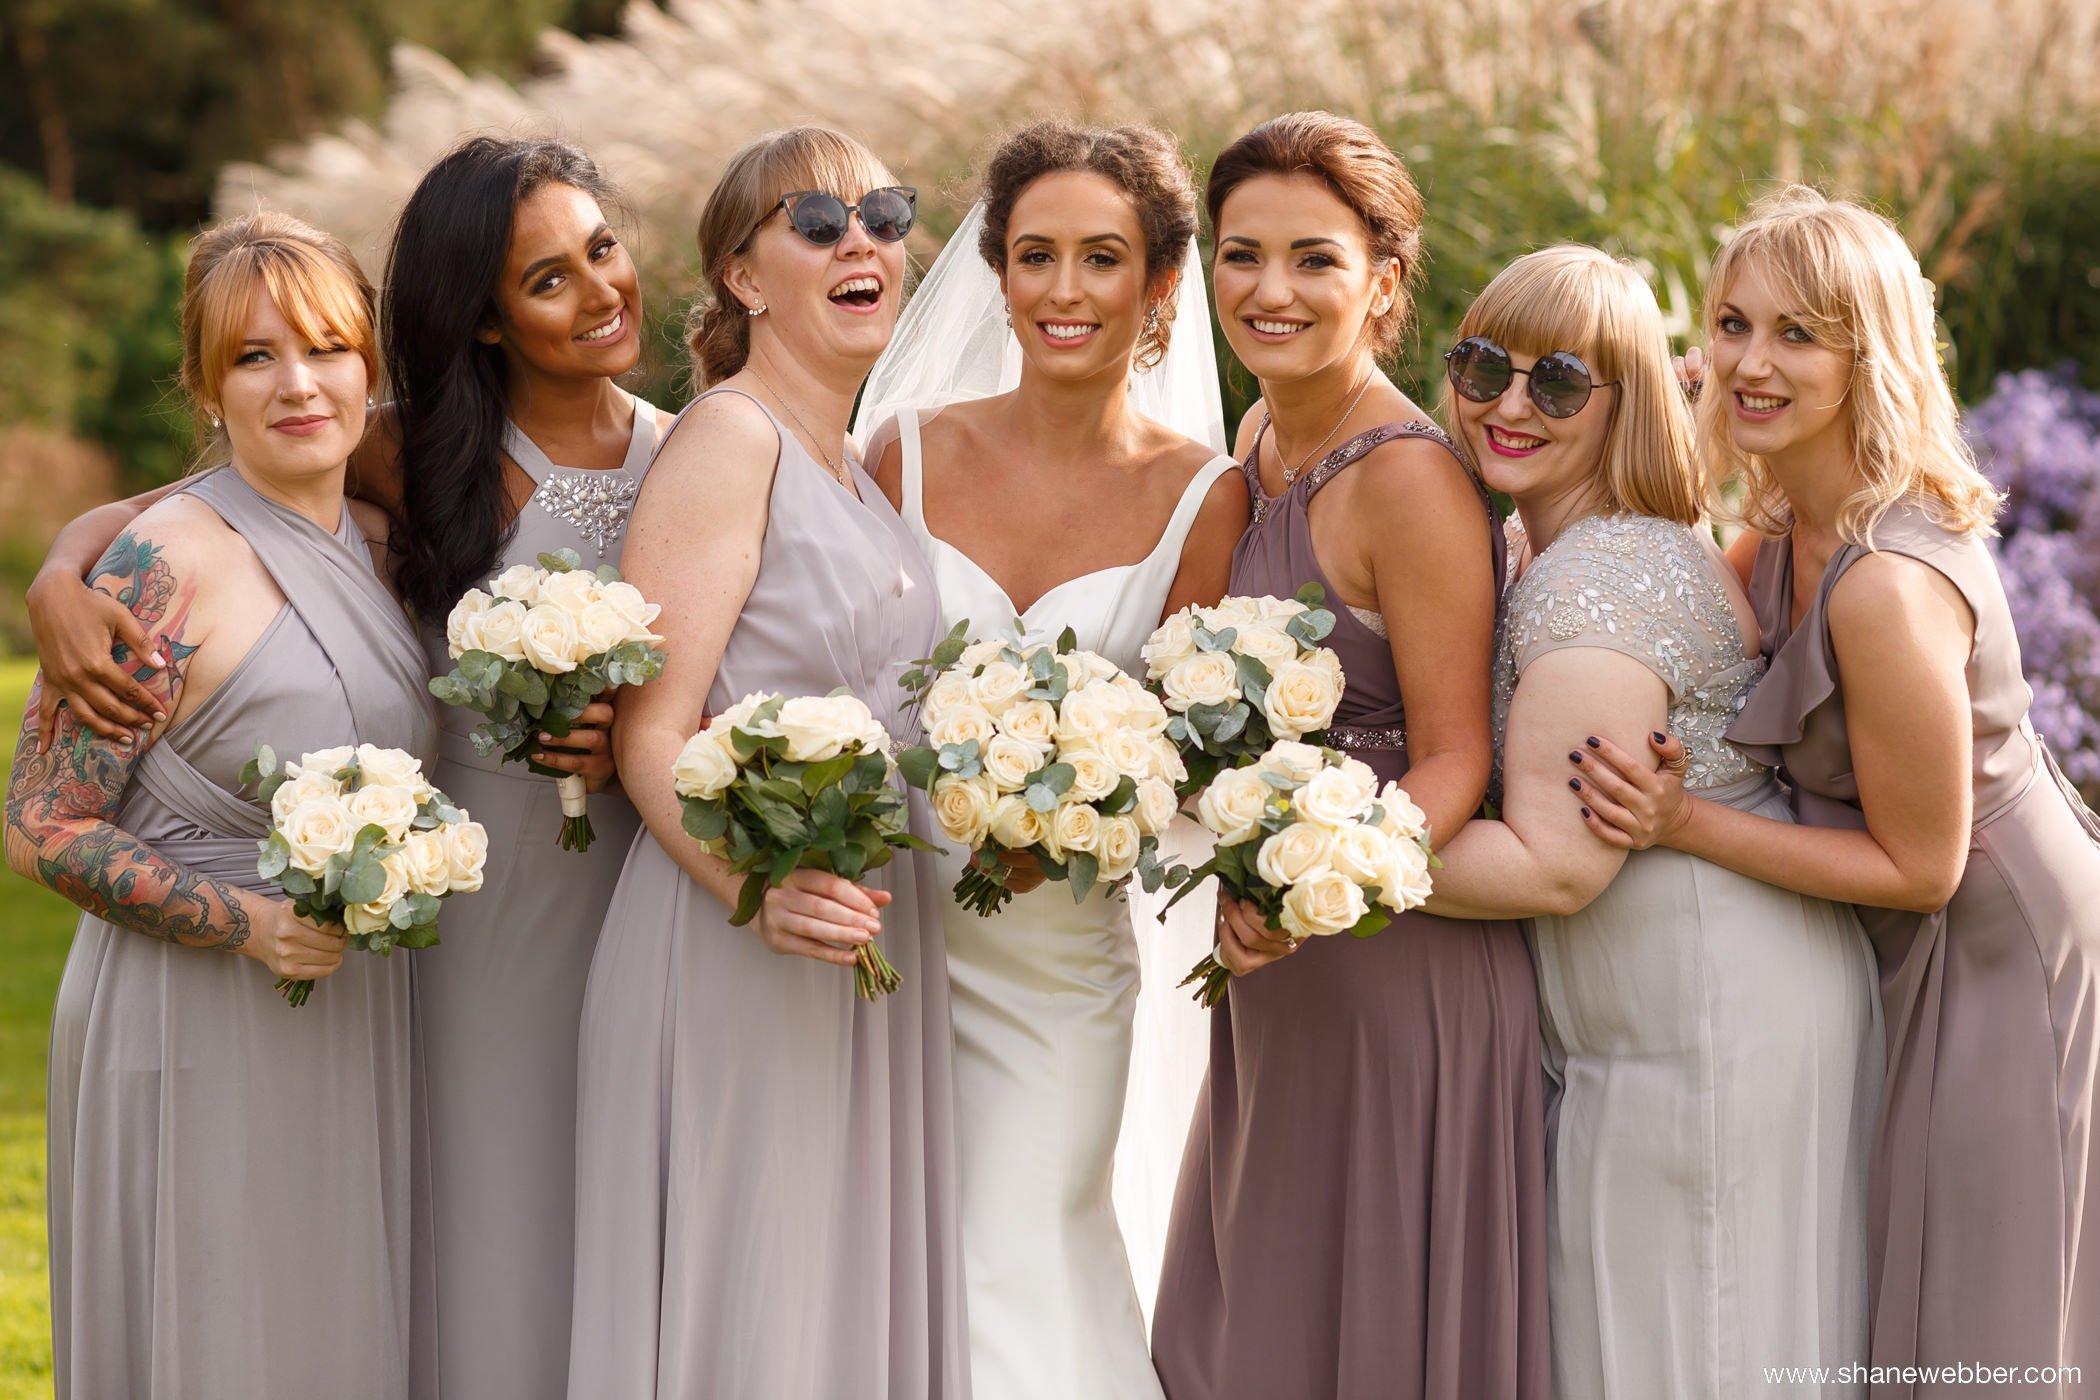 Cute bridemaids picture